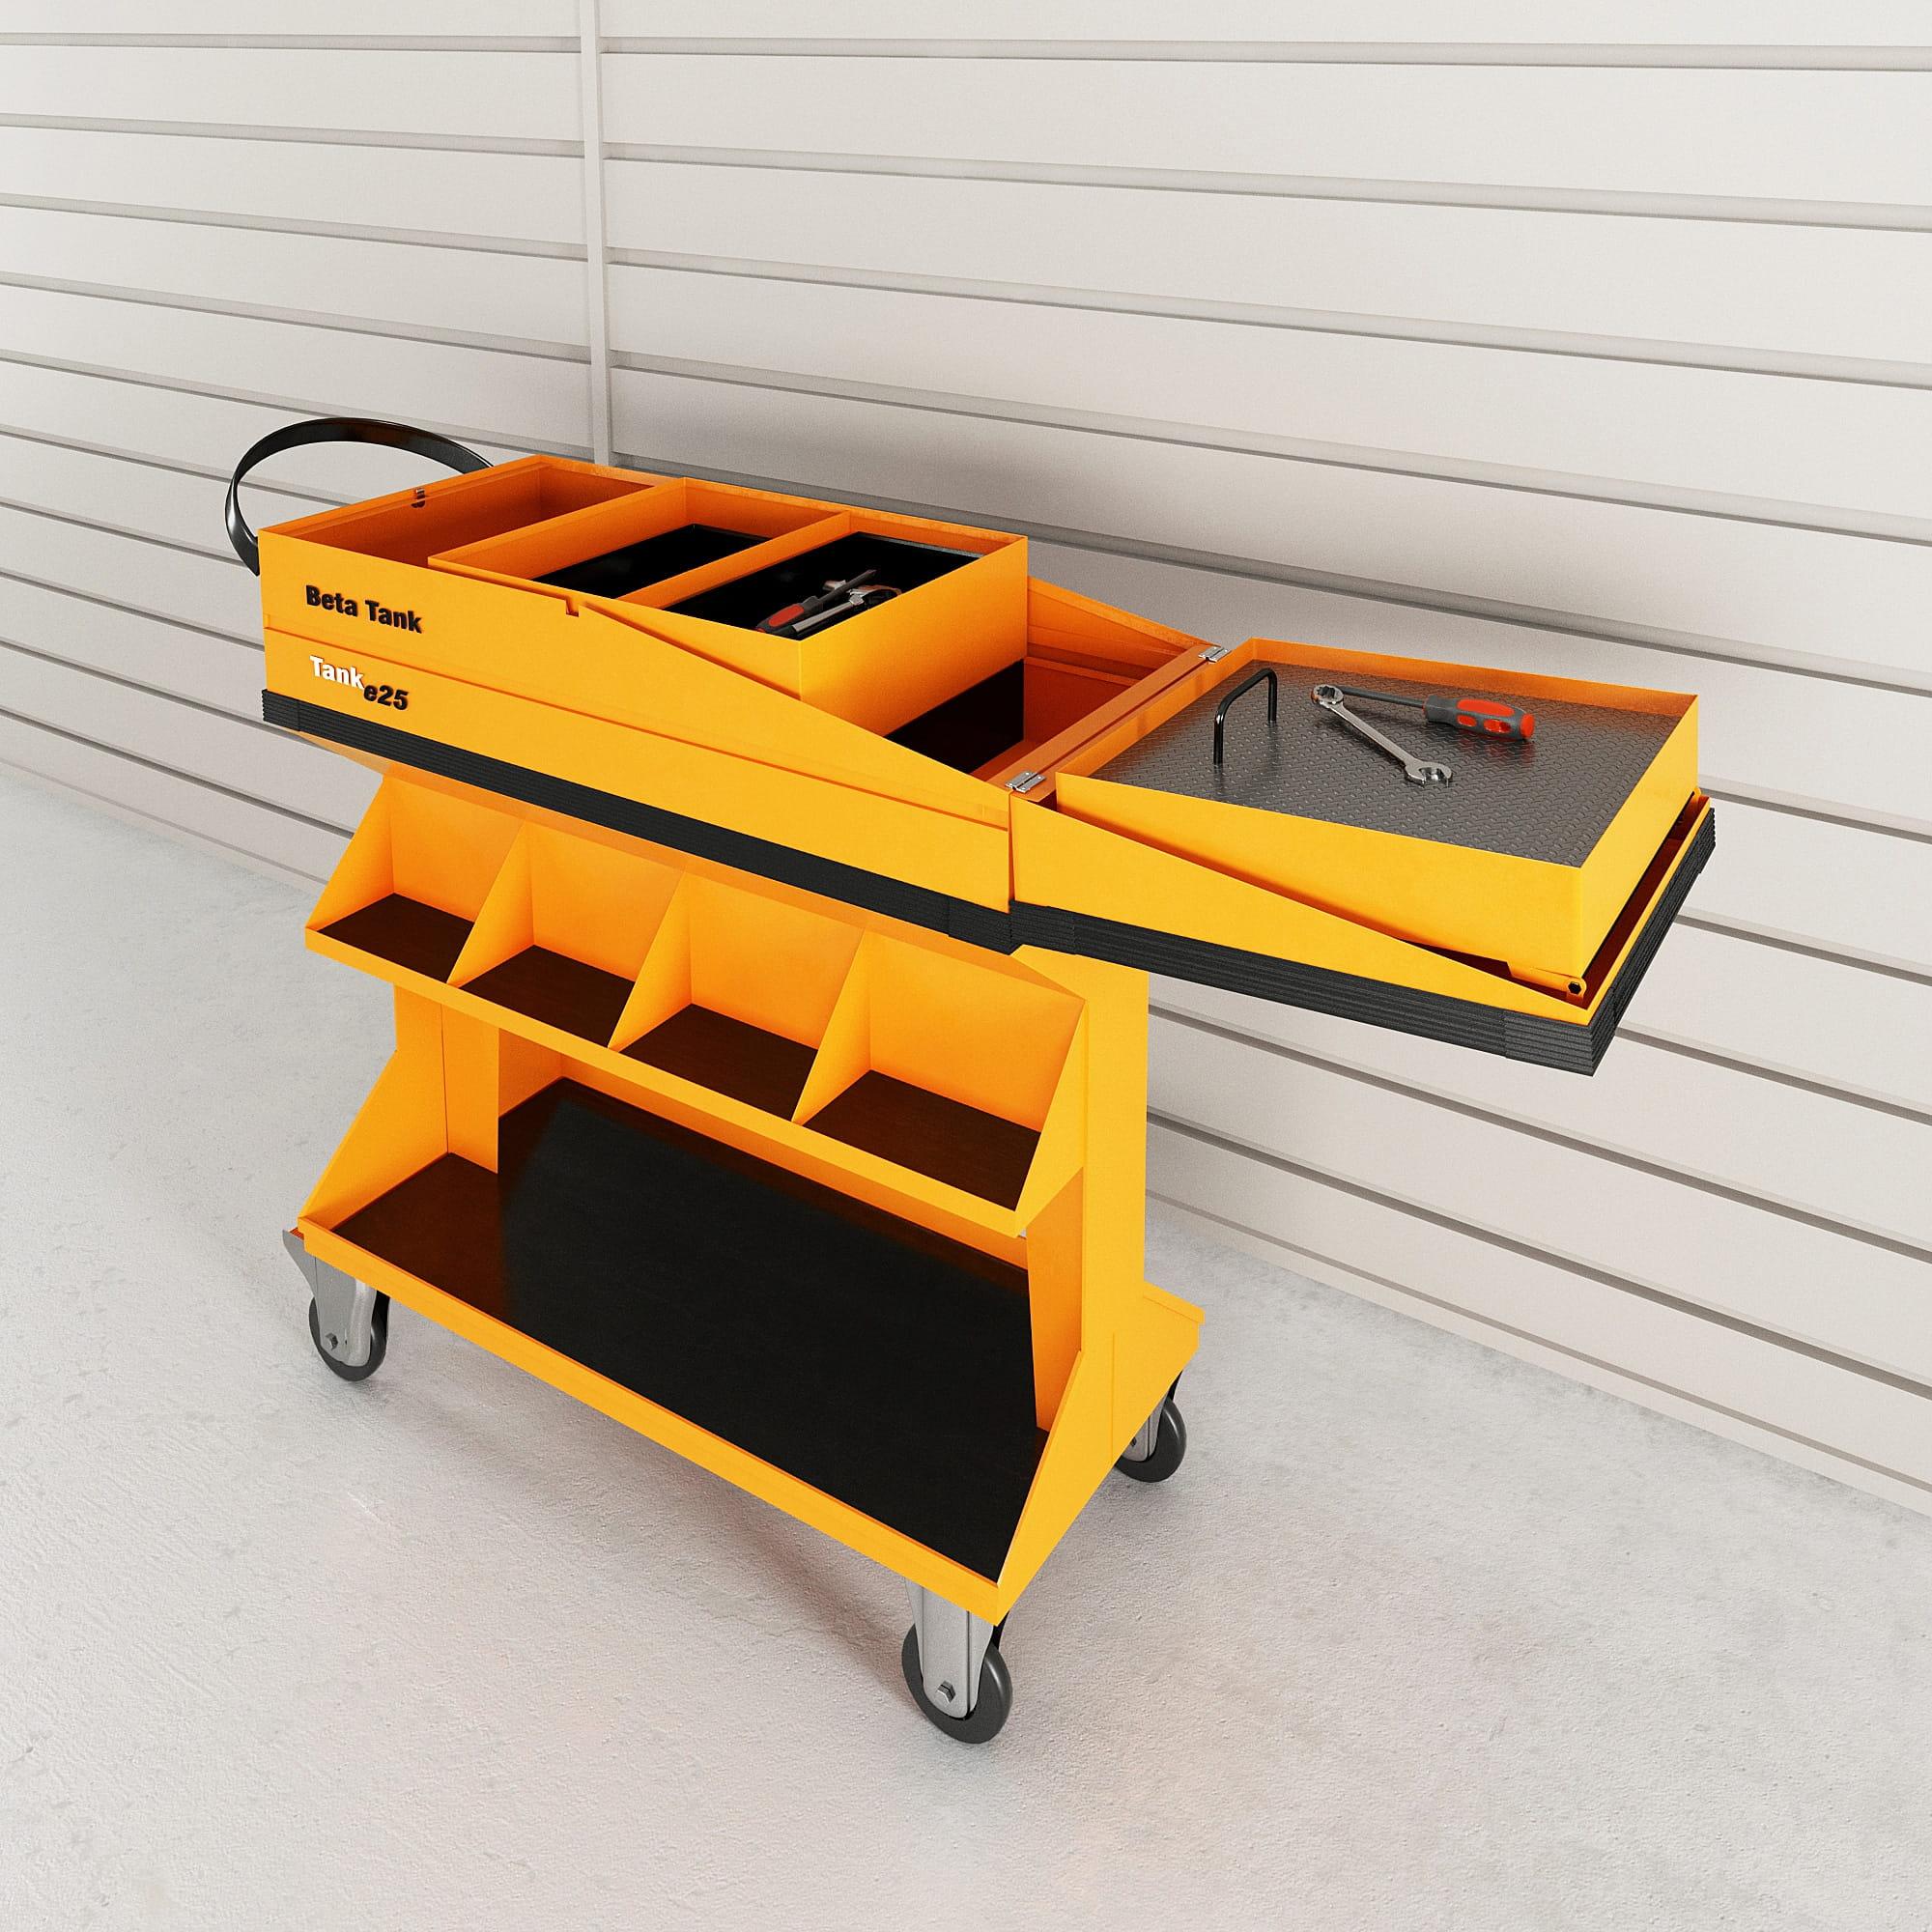 garage equipment 17 AM222 Archmodels